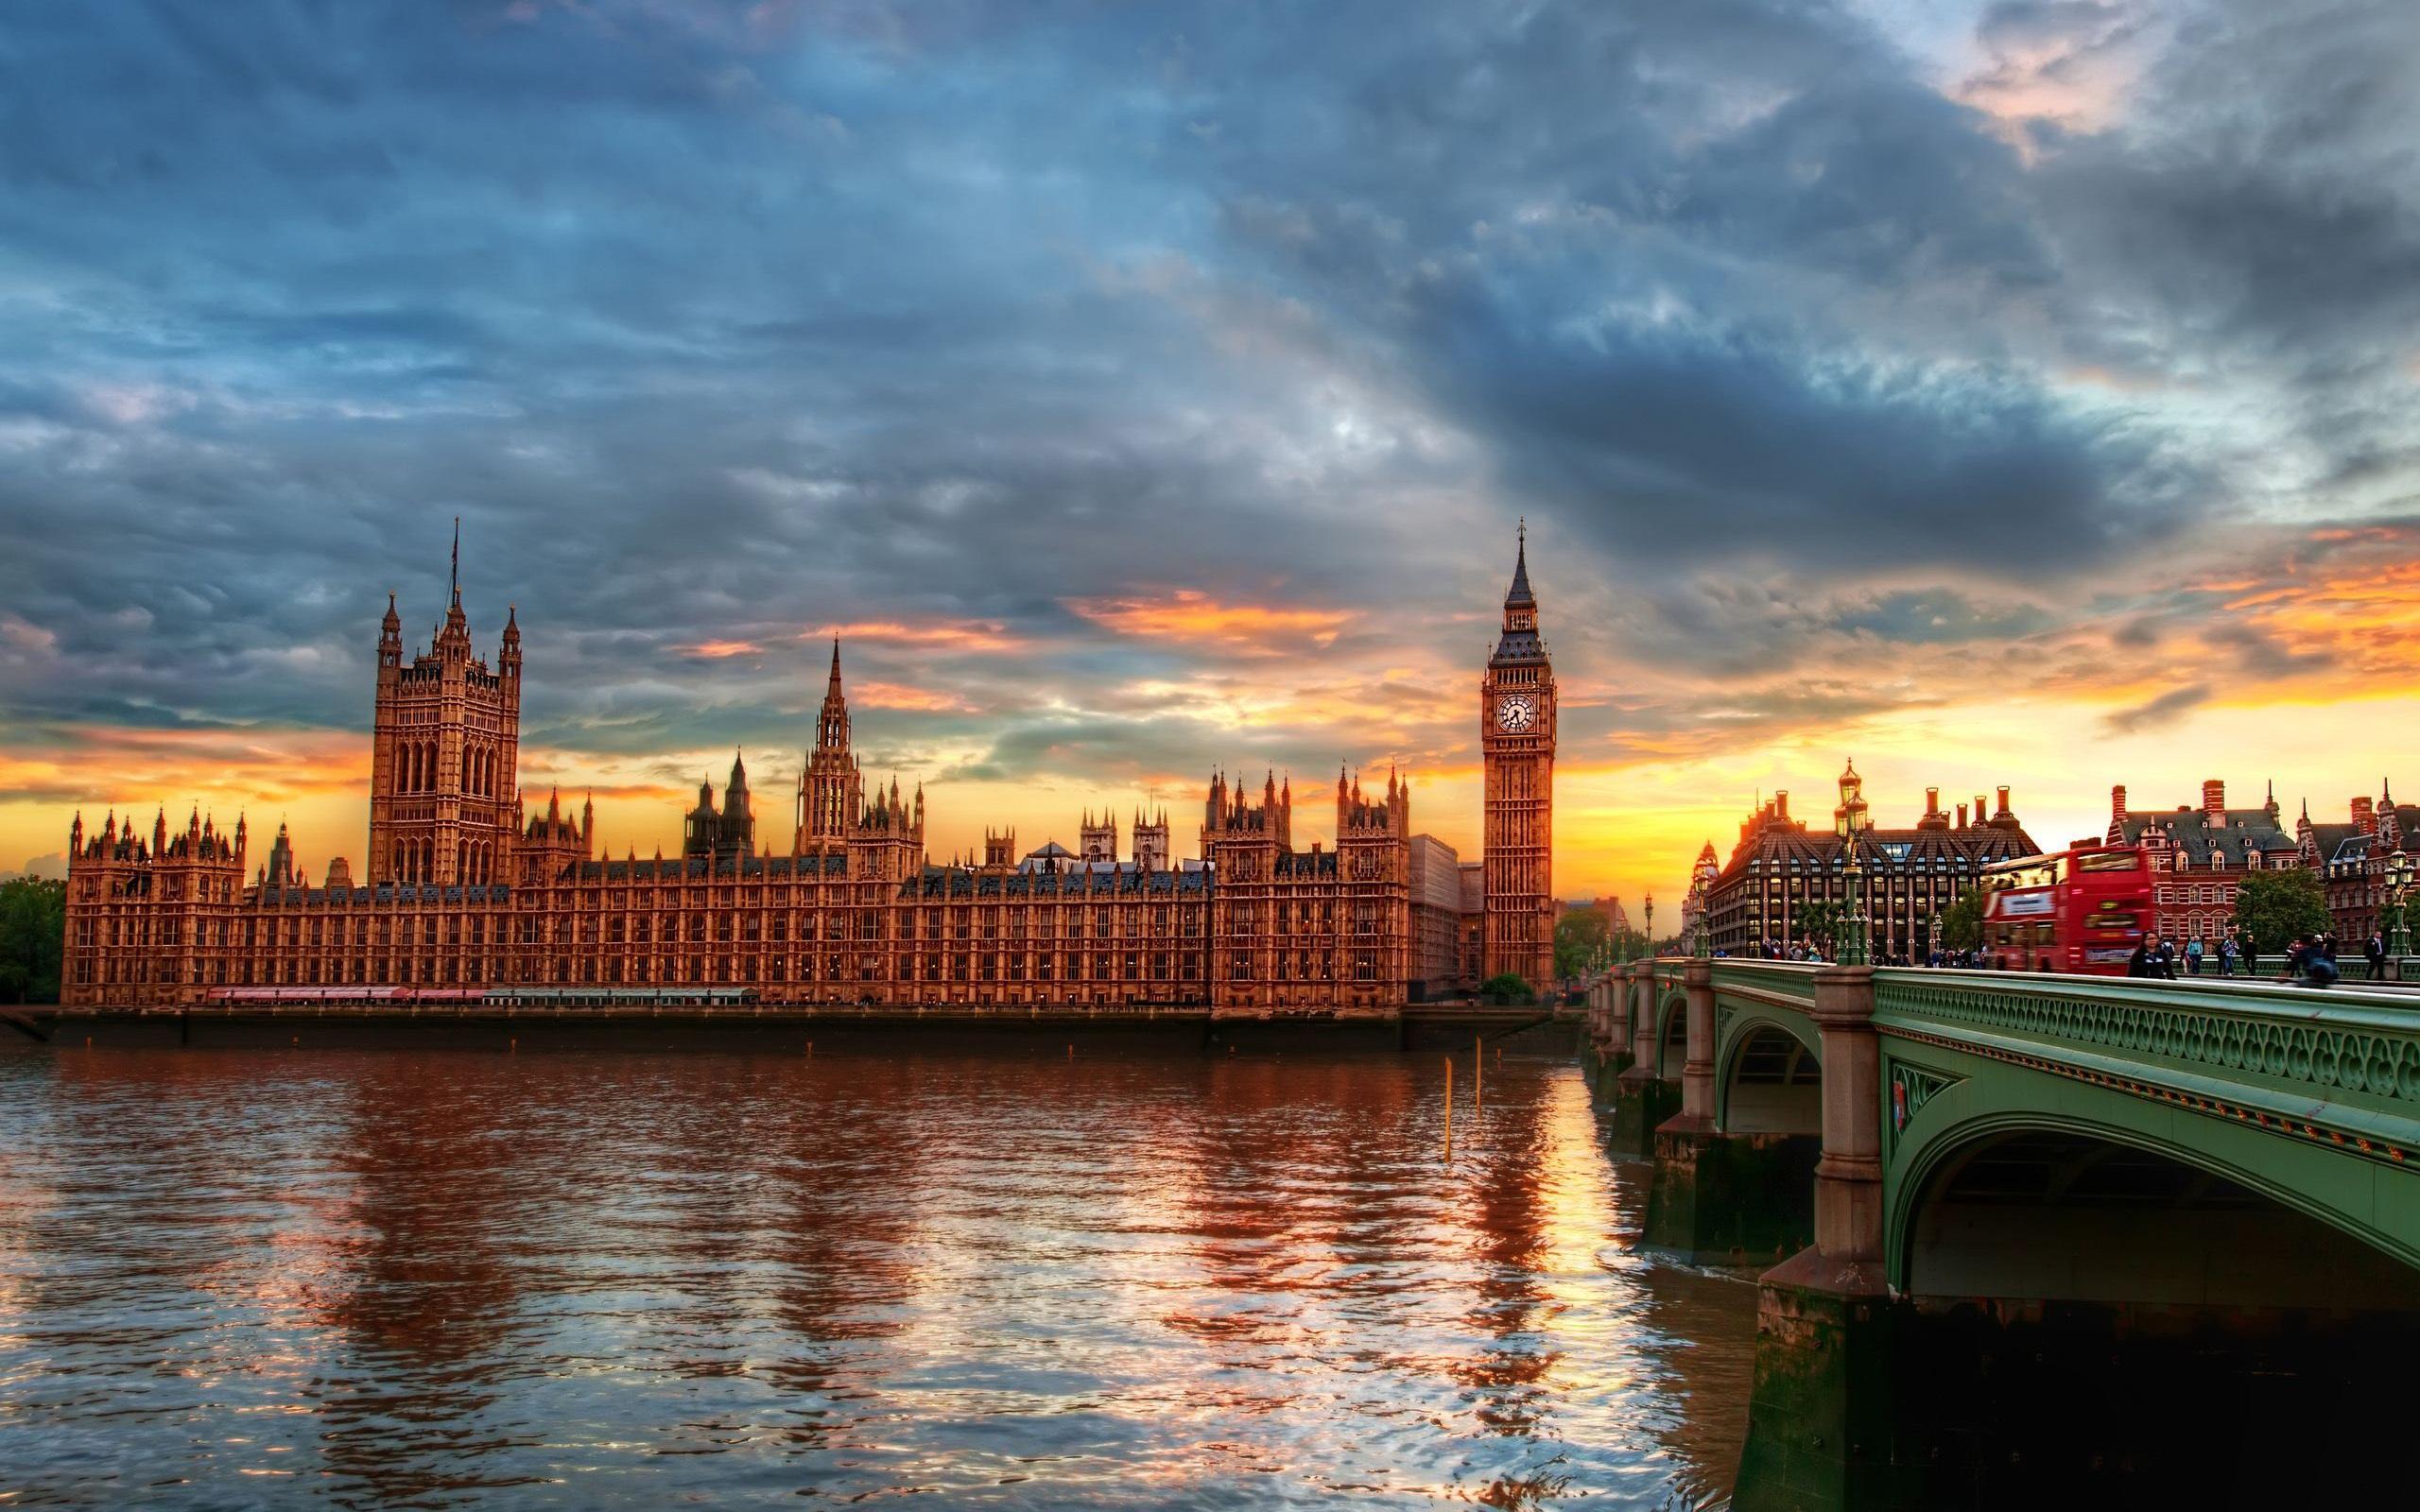 壁紙 ロンドンイギリス 2560x1600 Hd 無料のデスクトップの背景 画像